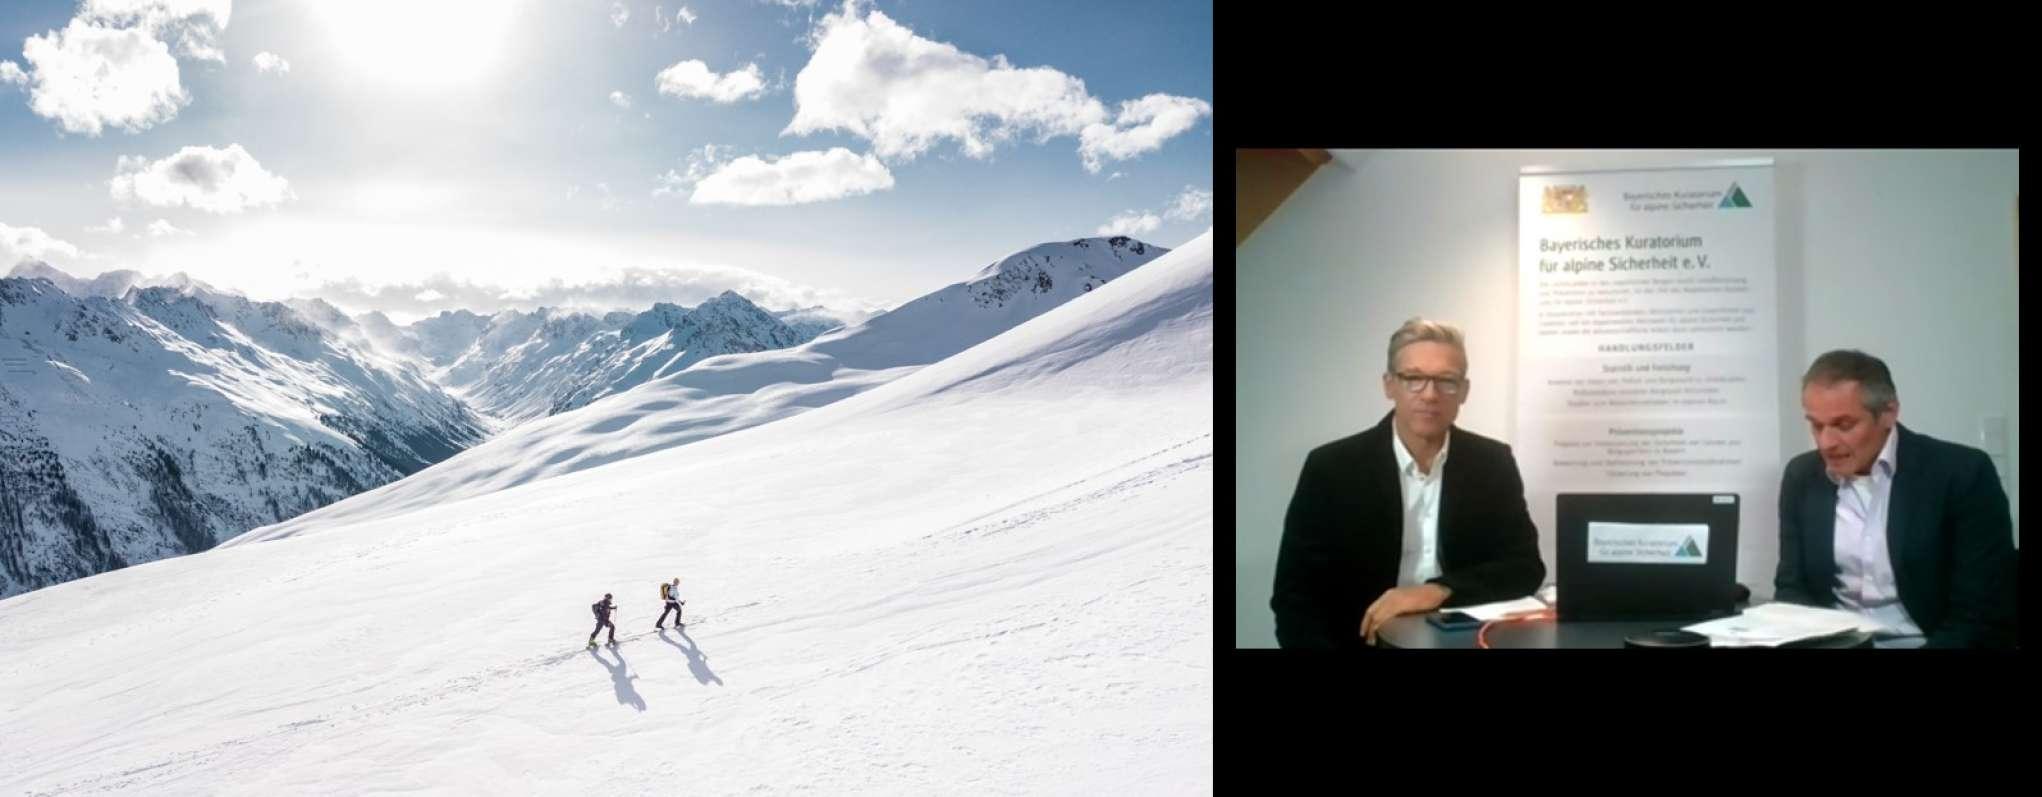 Digitale Konferenz - Alpine Sicherheitsgespräche 2020